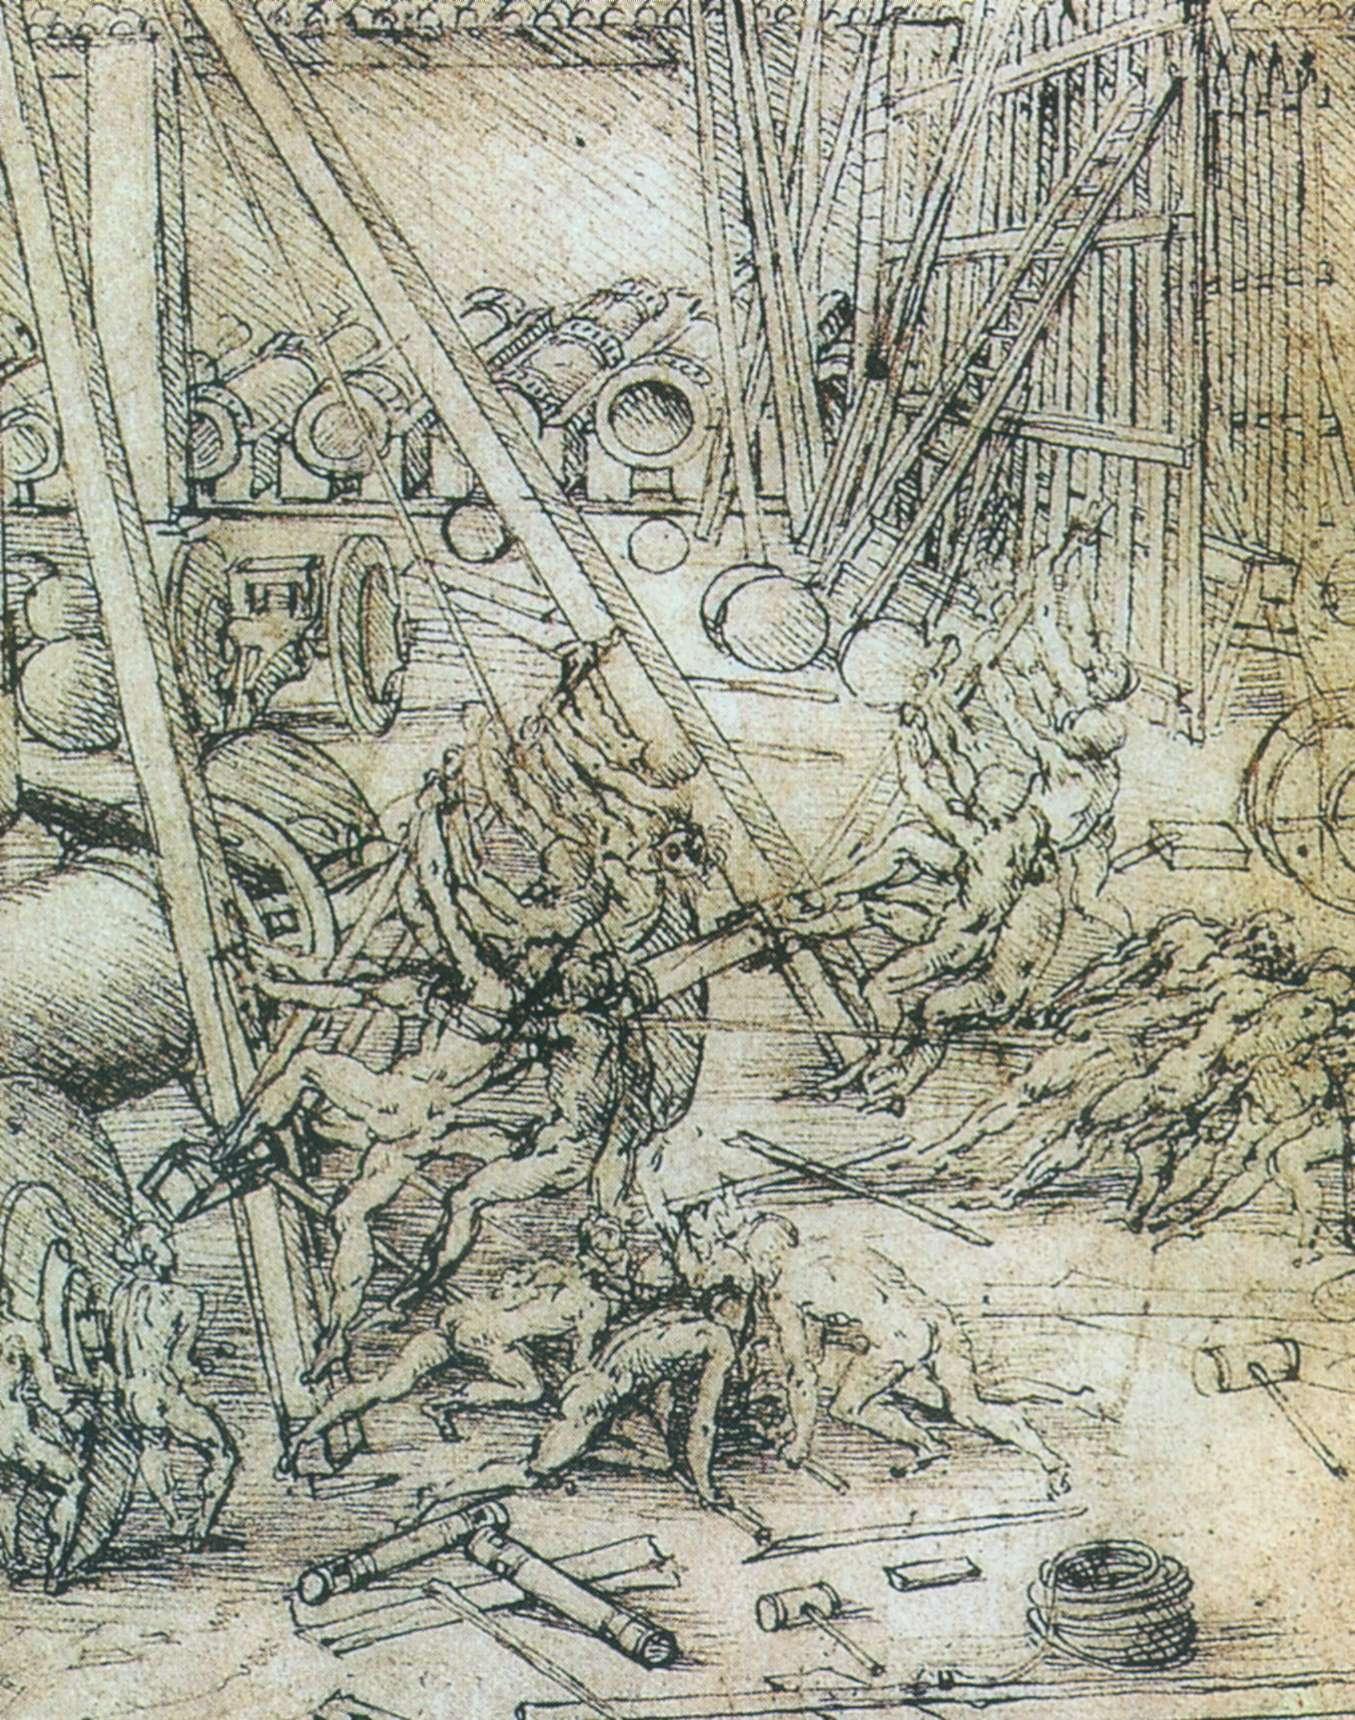 Леонардо да Винчи. Рисунок военных маших. 1487-1490. Королевская библиотека, Виндзор (Англия). Источник http://artsabbia.by/